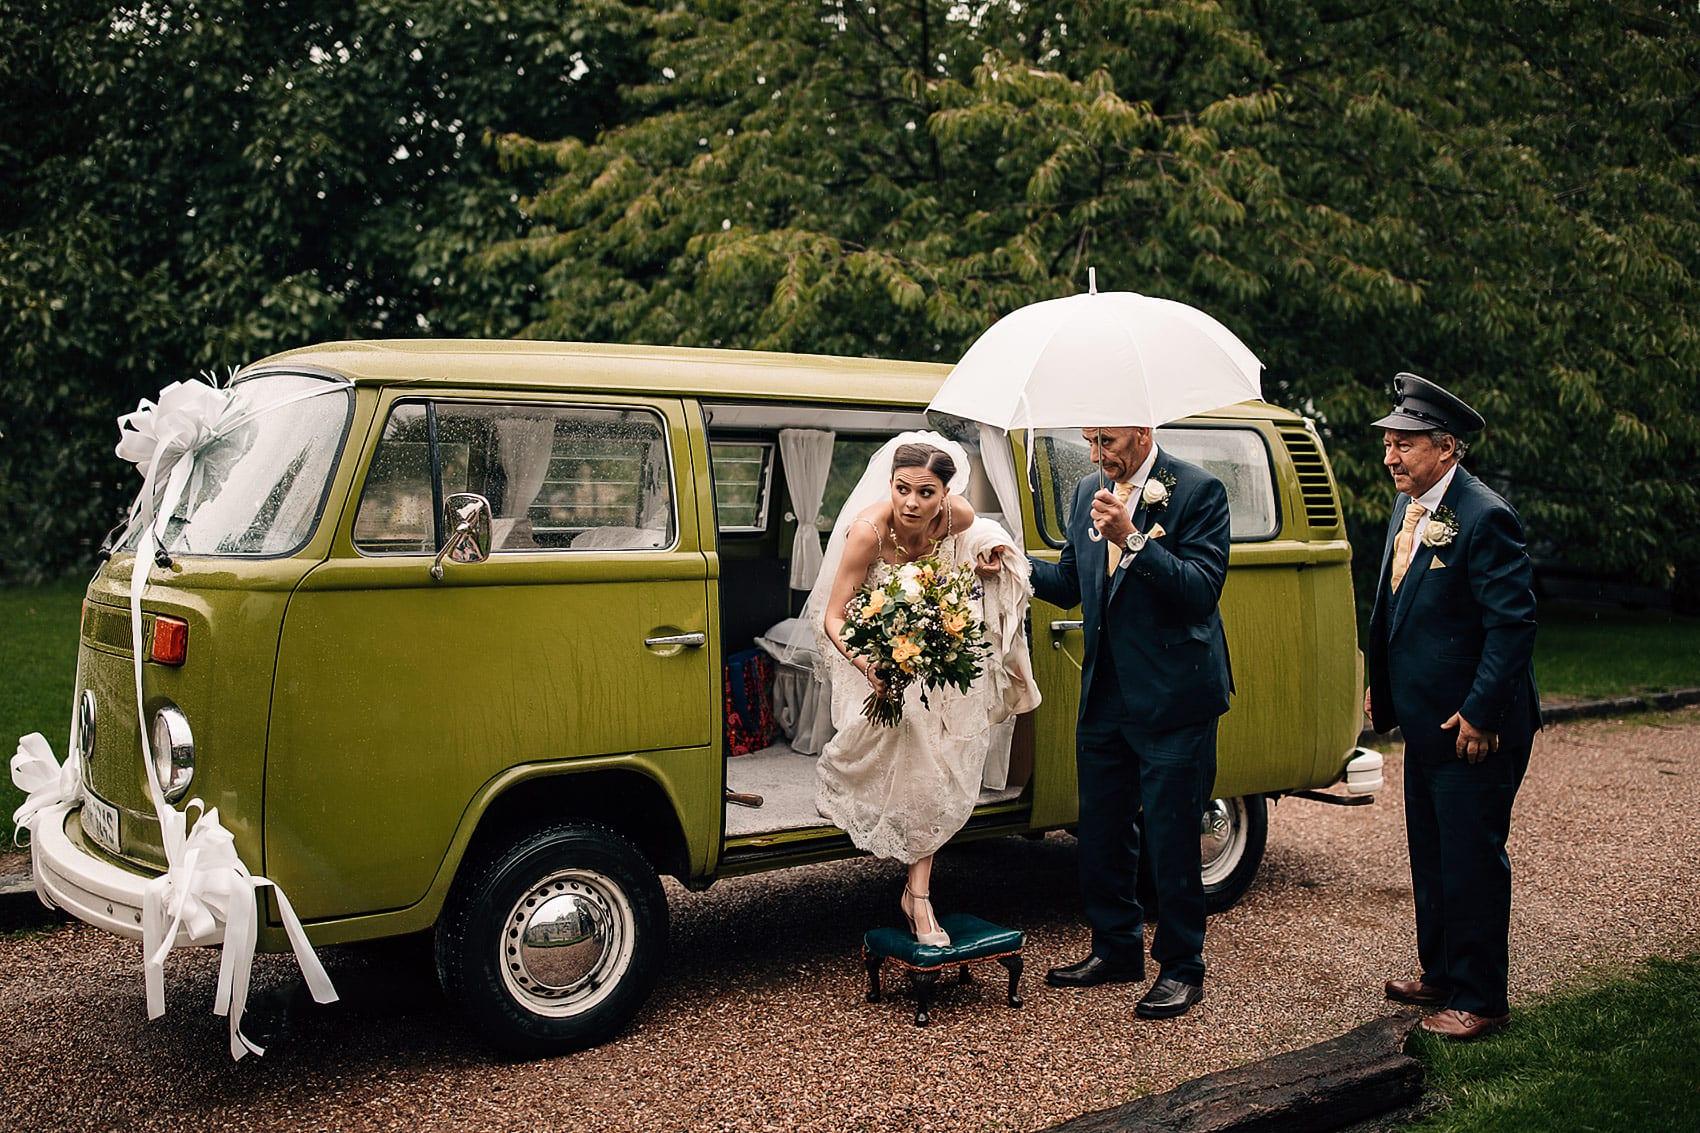 brides arrival adventurous couples photography